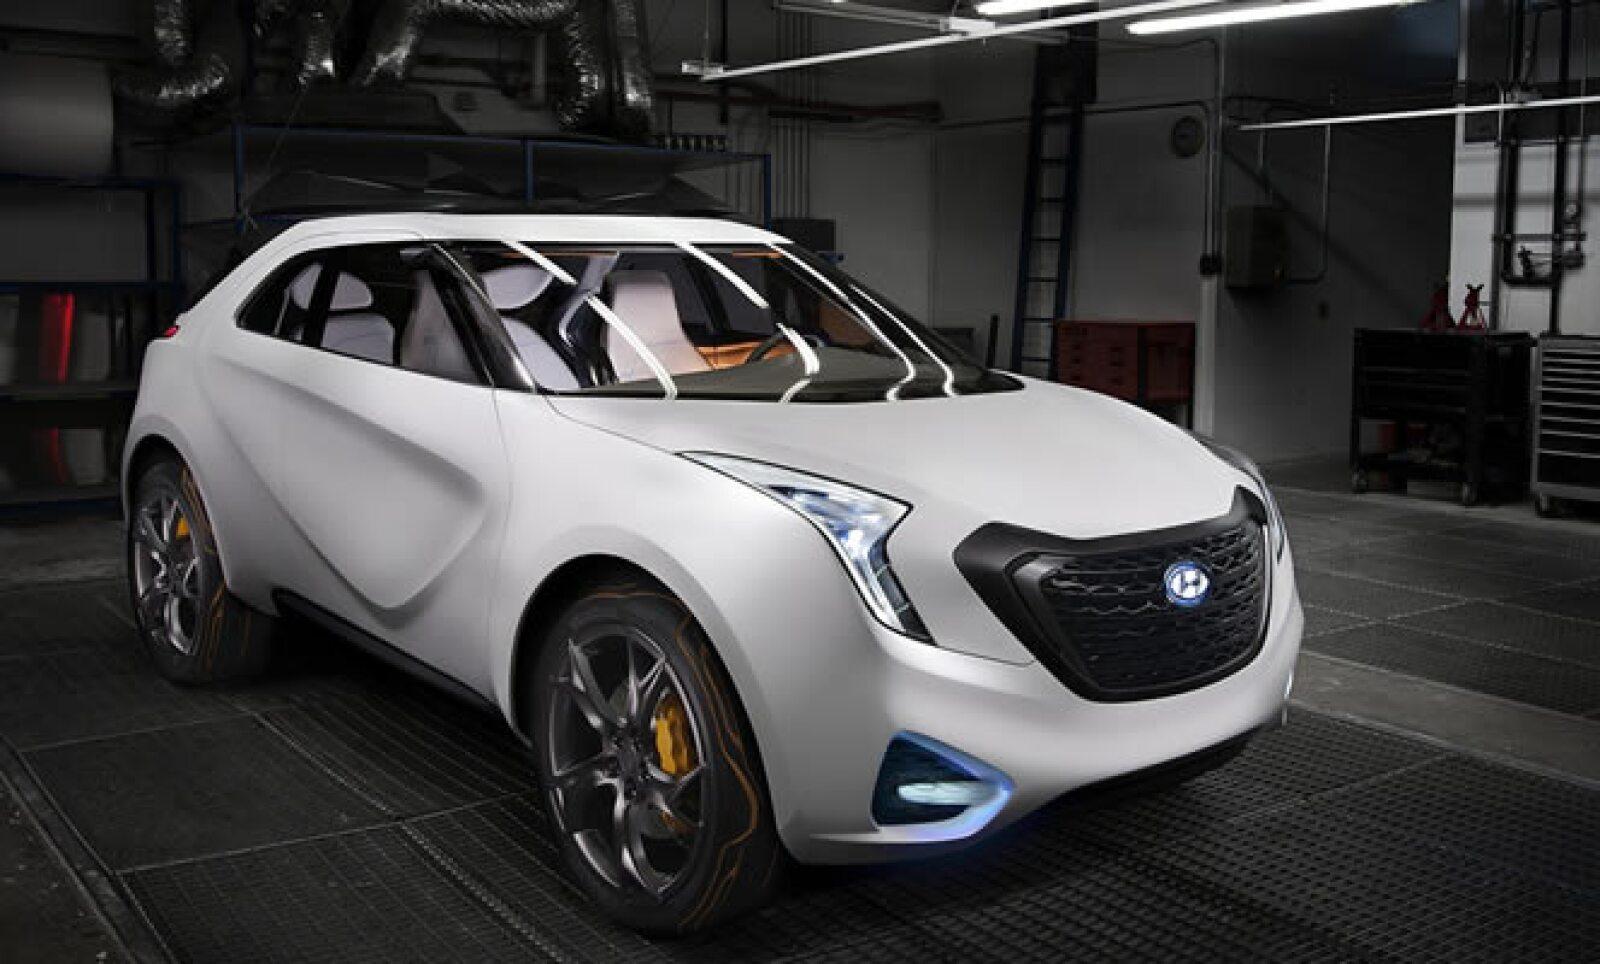 La automotriz de Corea del Sur introdujo en el show un nuevo concepto de camioneta, bajo  el nombre de Urban Activity Vehicle (UAV), con un motor de 1.6 litros, 175 caballos de fuerza bajo el cofre y un rendimiento de 40 millas por galón de gasolina.